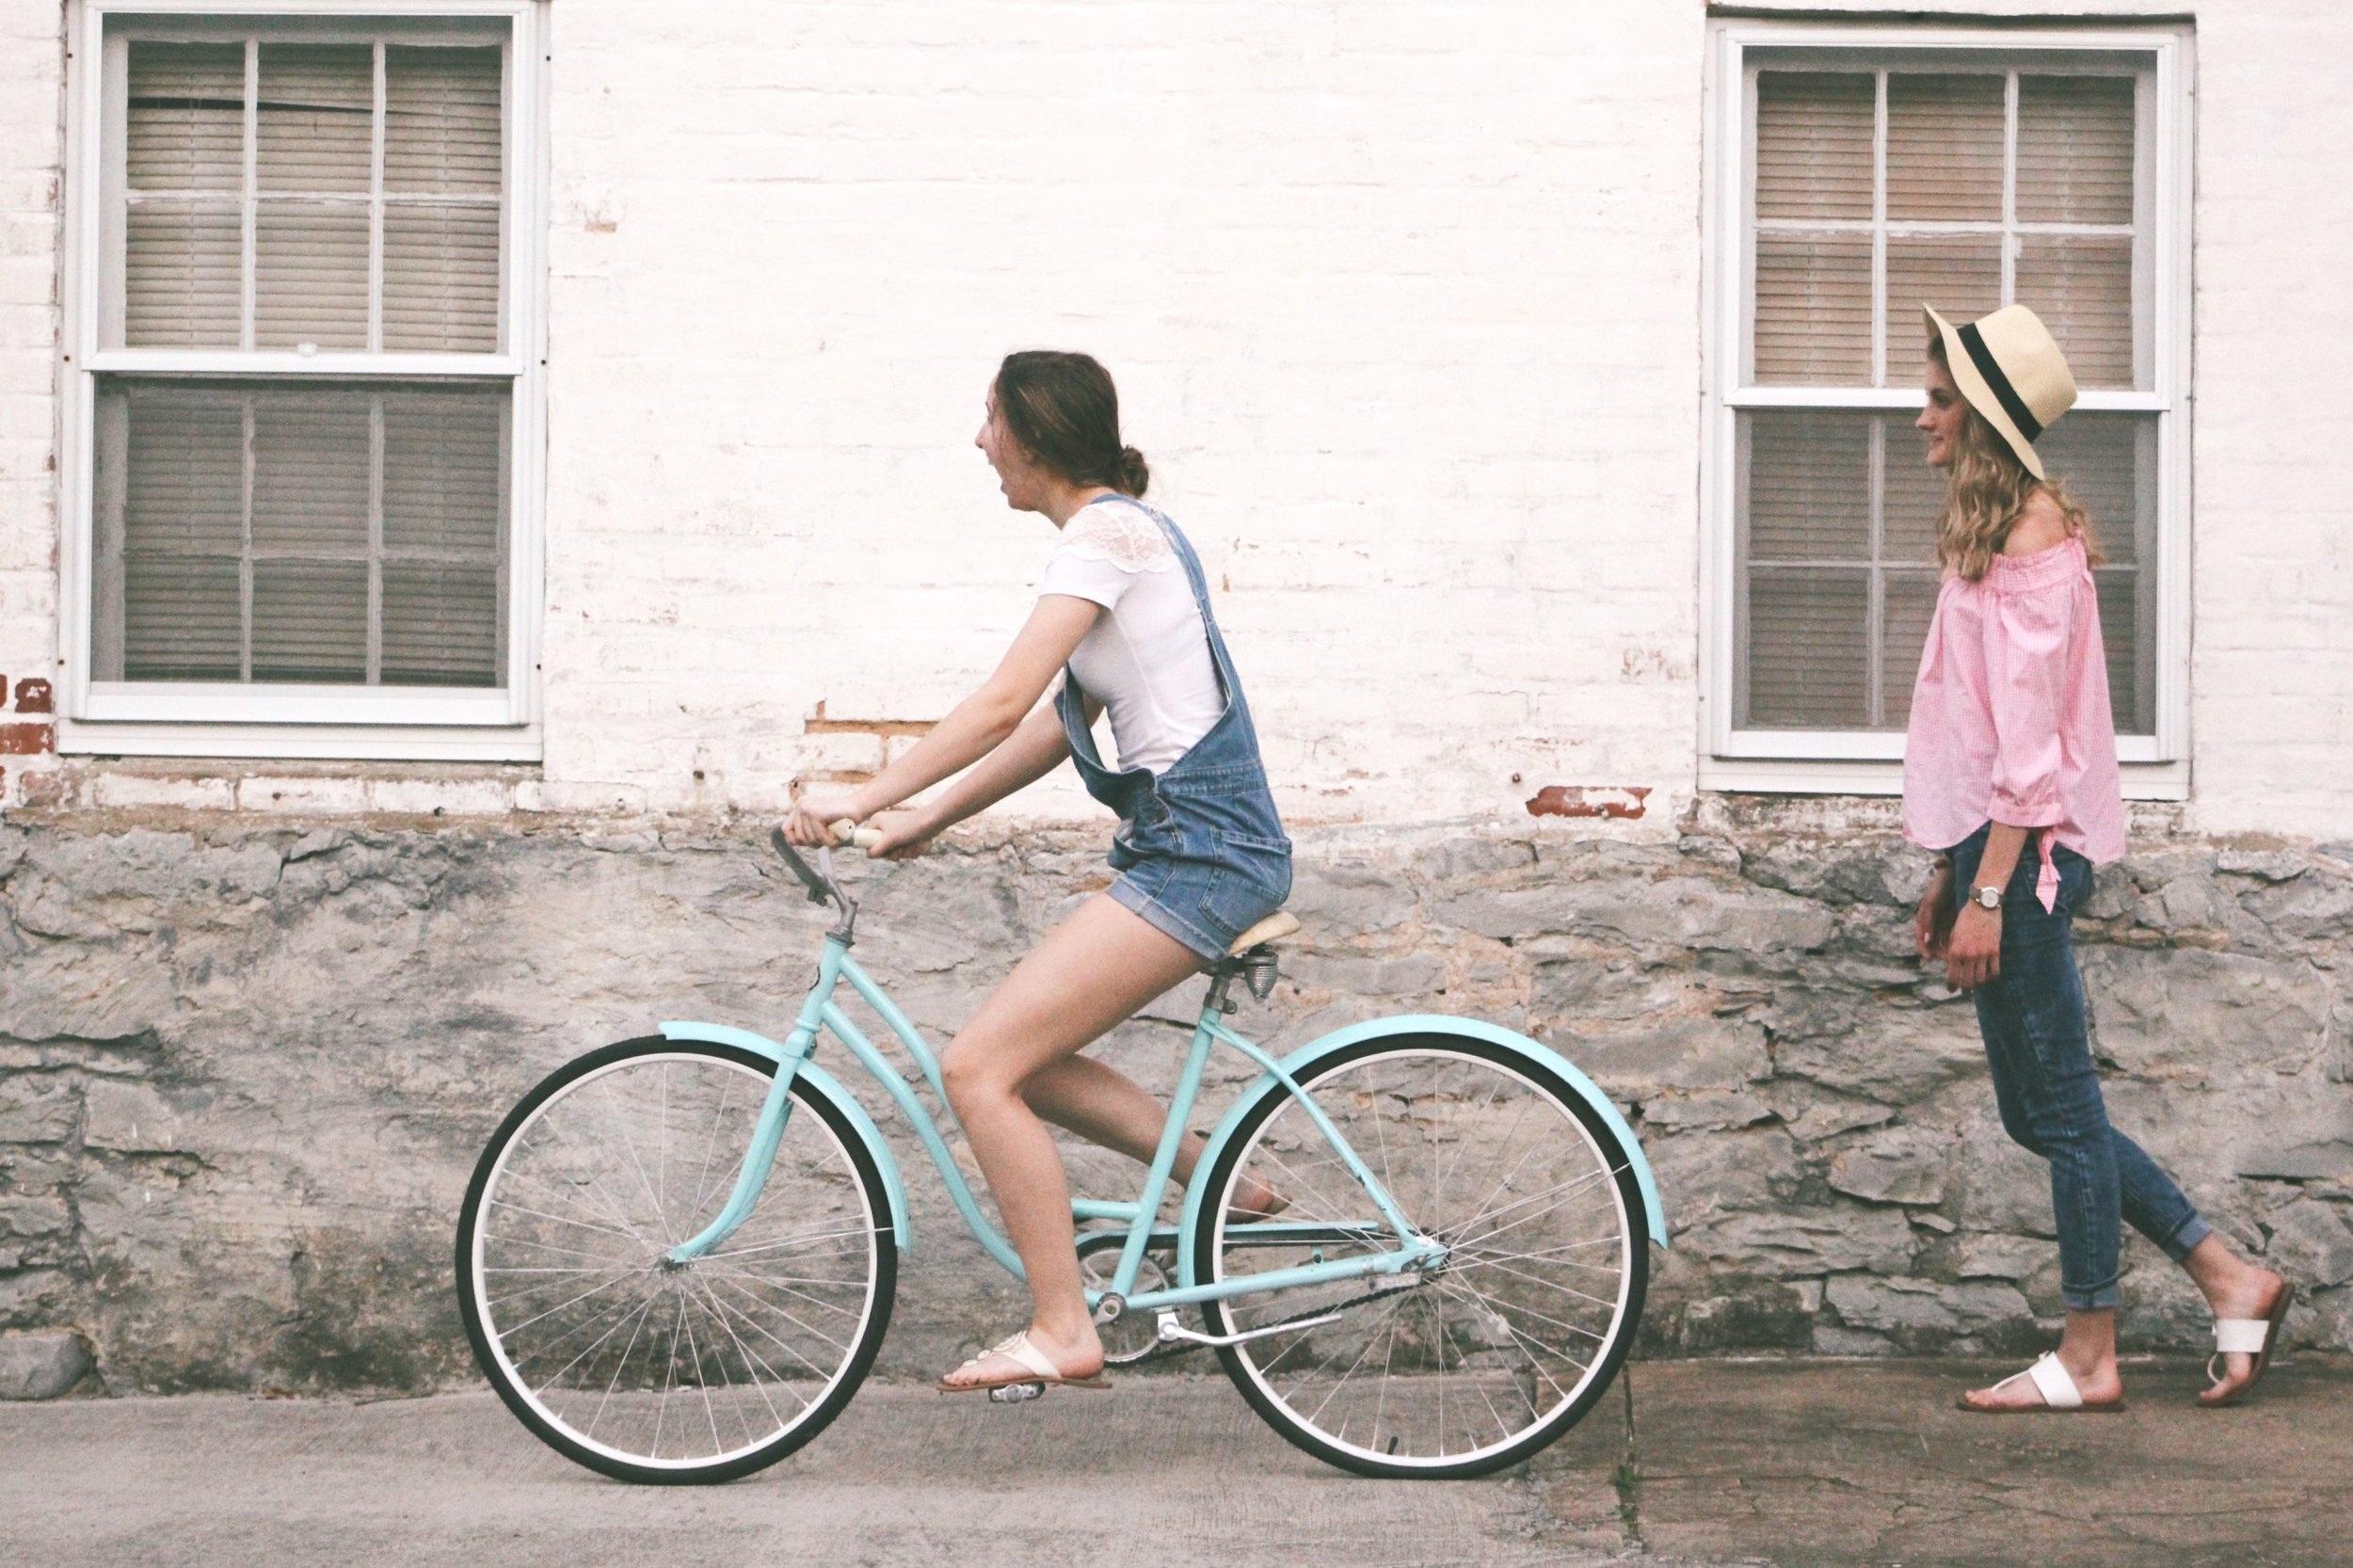 uwm.wsp.newyarbetteryou.bicycle-bike-biking-906016.jpg